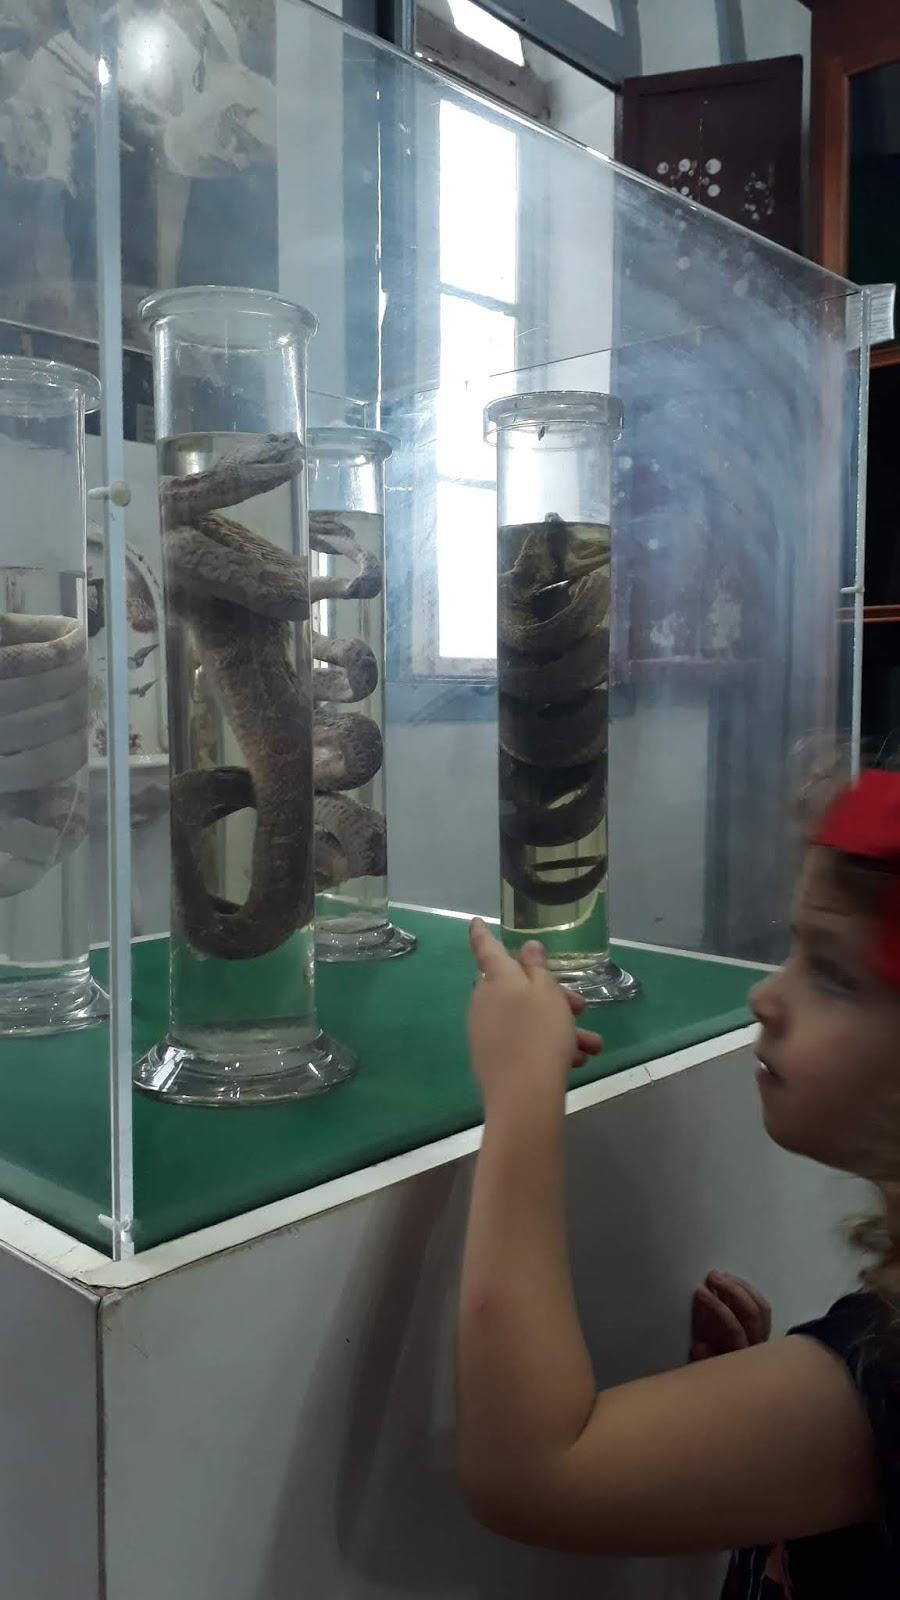 Animais peçonhentos em solução de formol - Museu da Farmácia UFOP